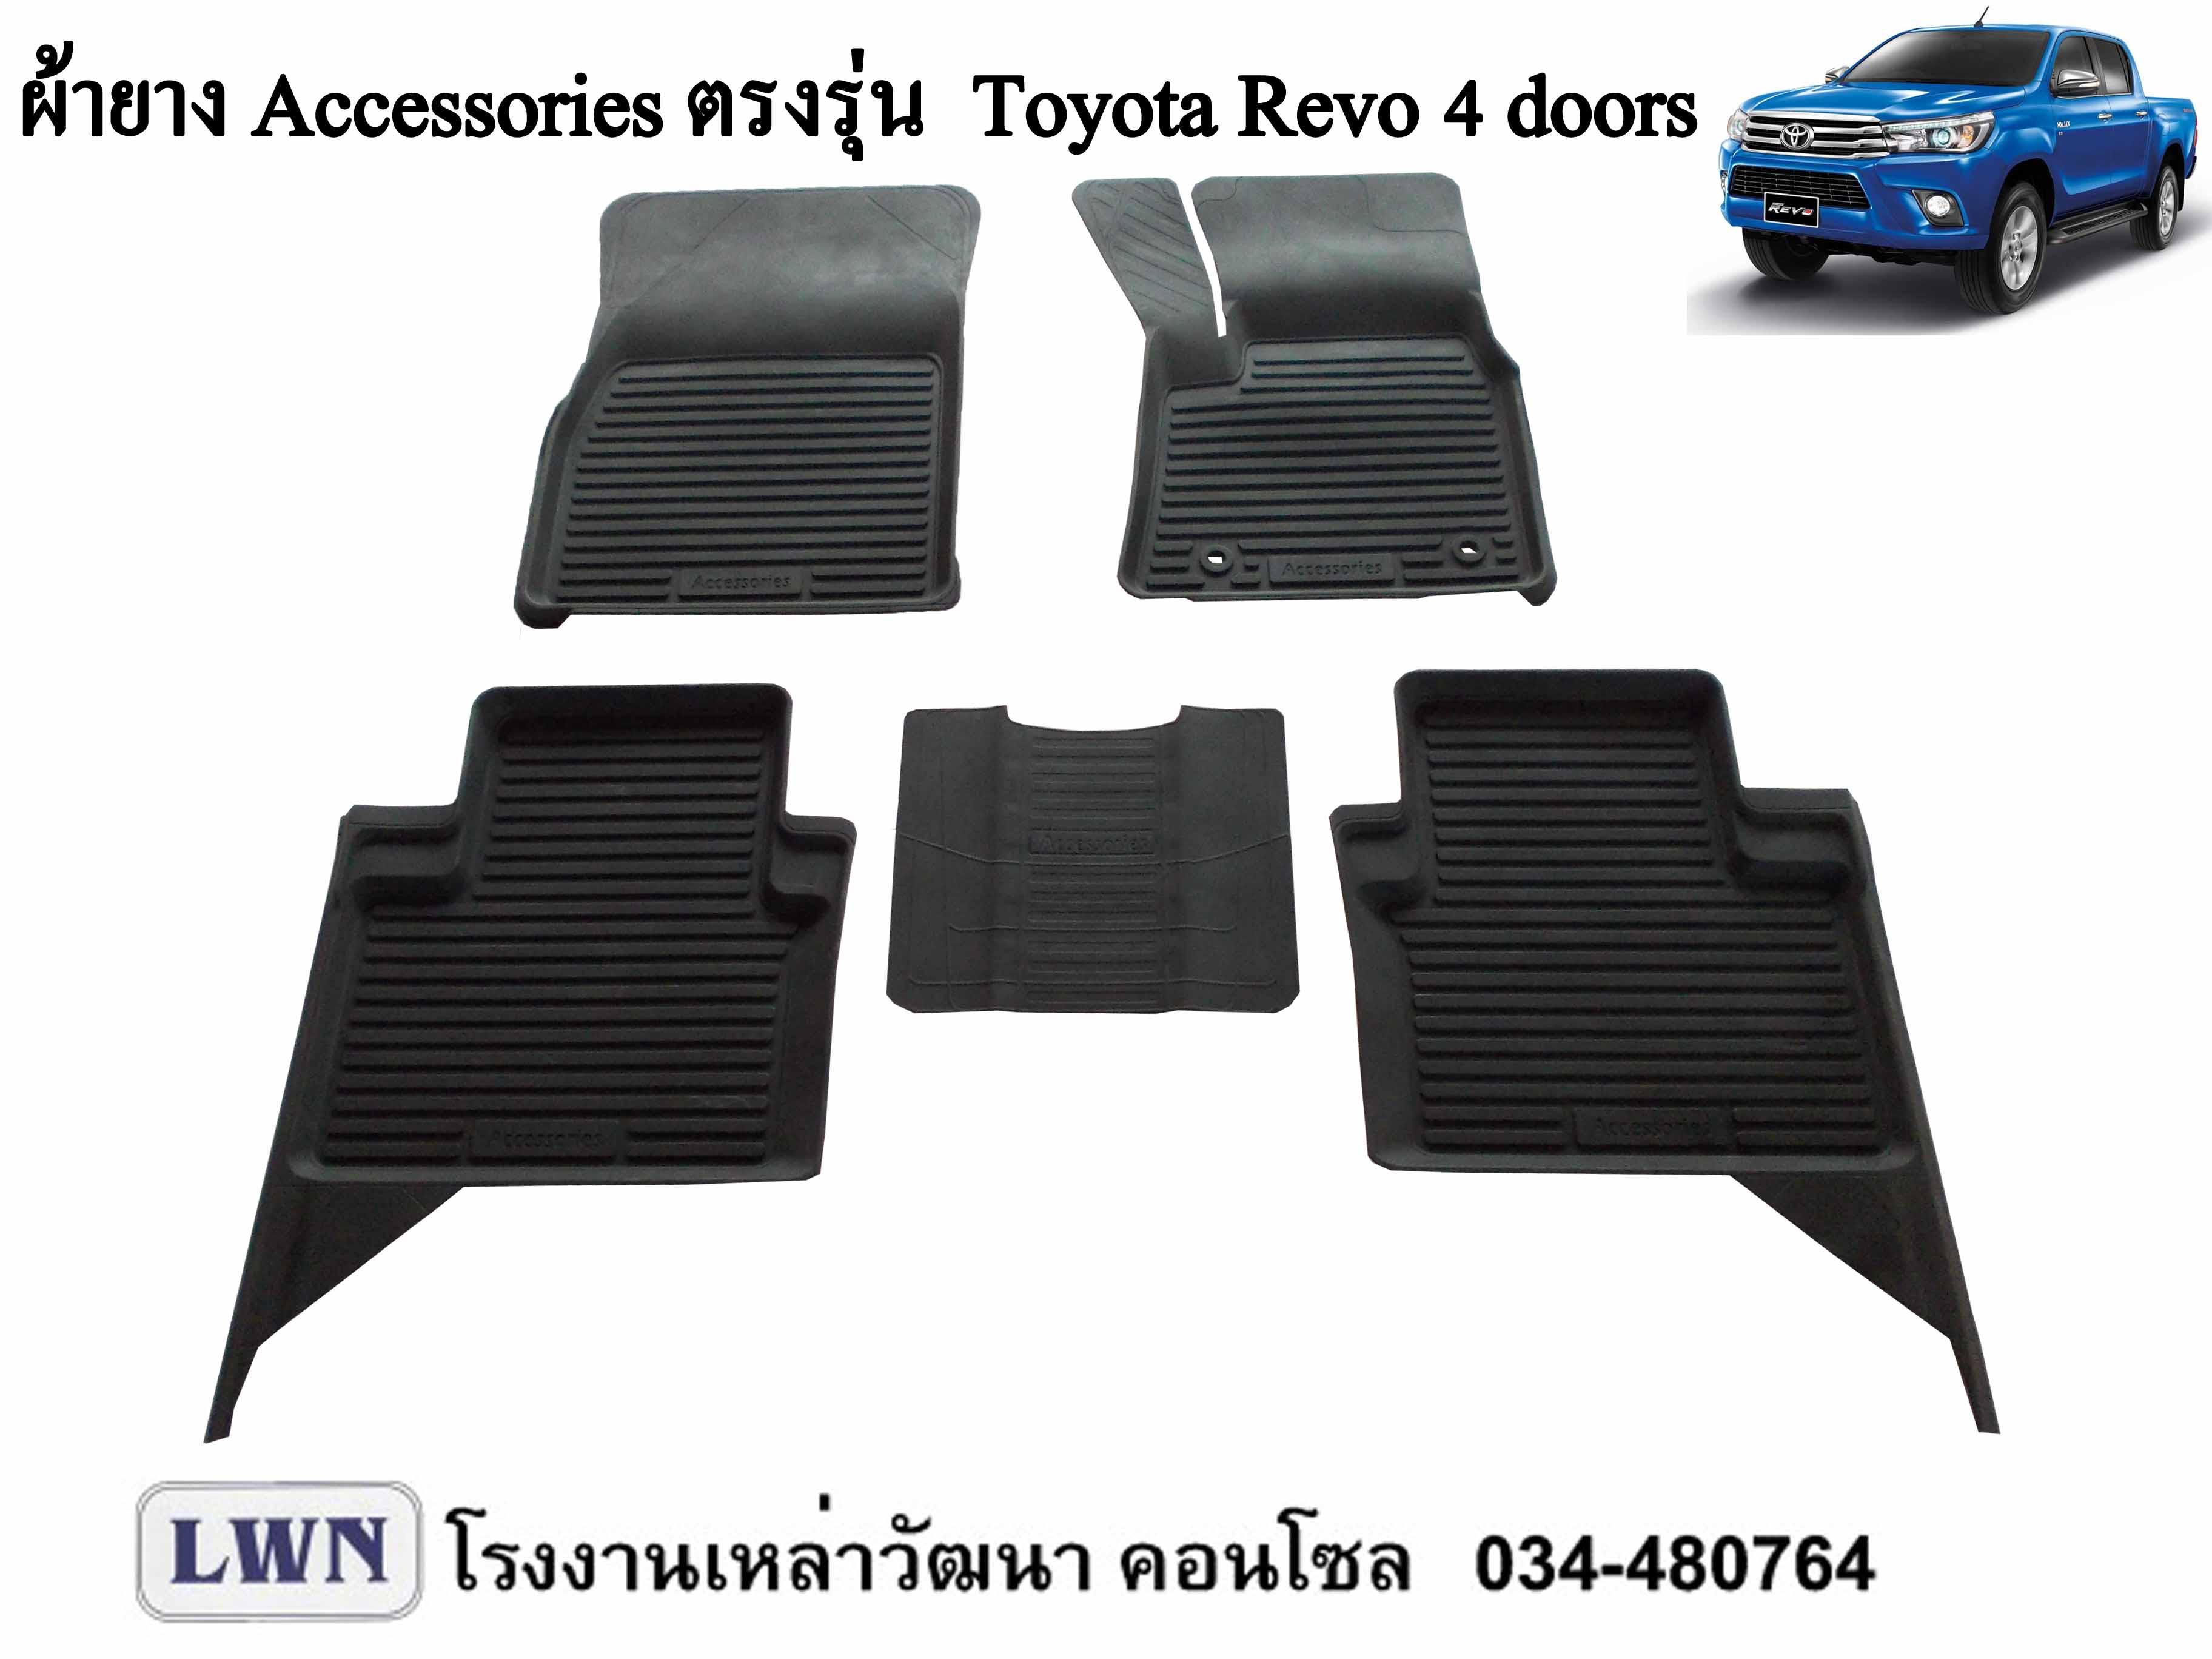 ผ้ายางปูพื้น Toyota Revo 4ประตู